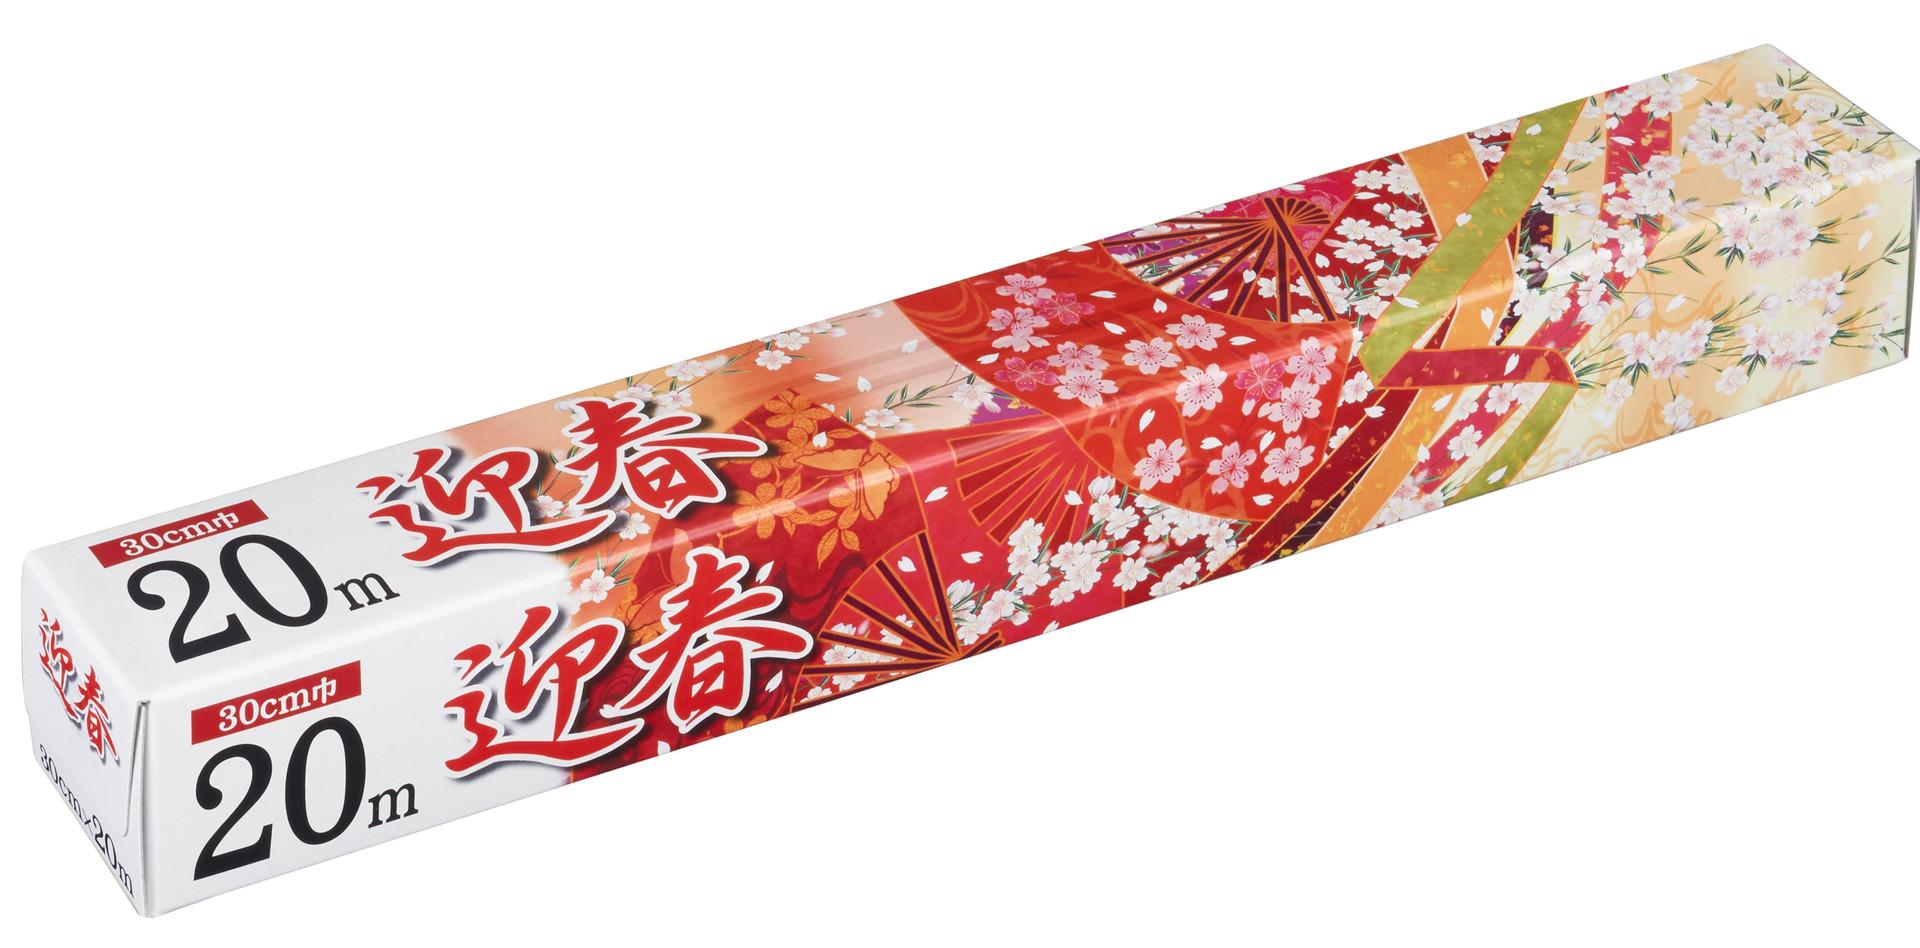 キッチニスタ迎春ラップ 30cm×20m BOXタイプN.jpg